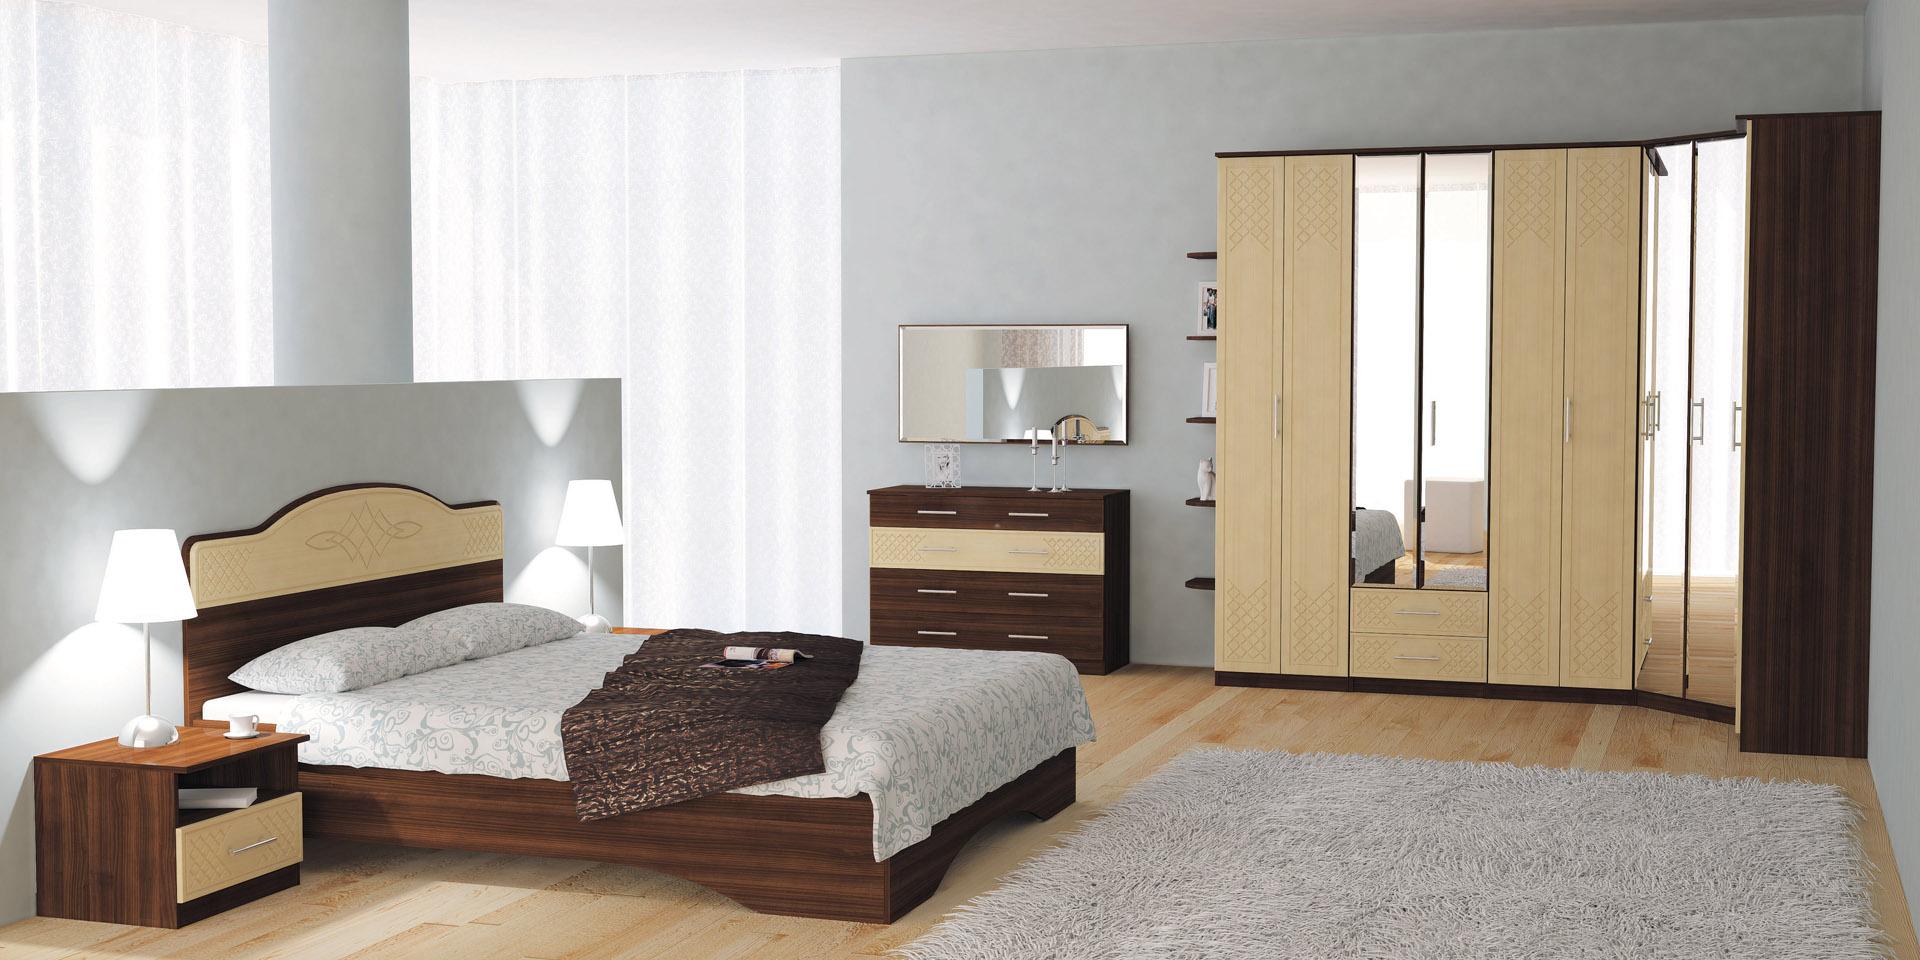 спальня виктория вариант 1 купить за 78024 руб в москве по цене